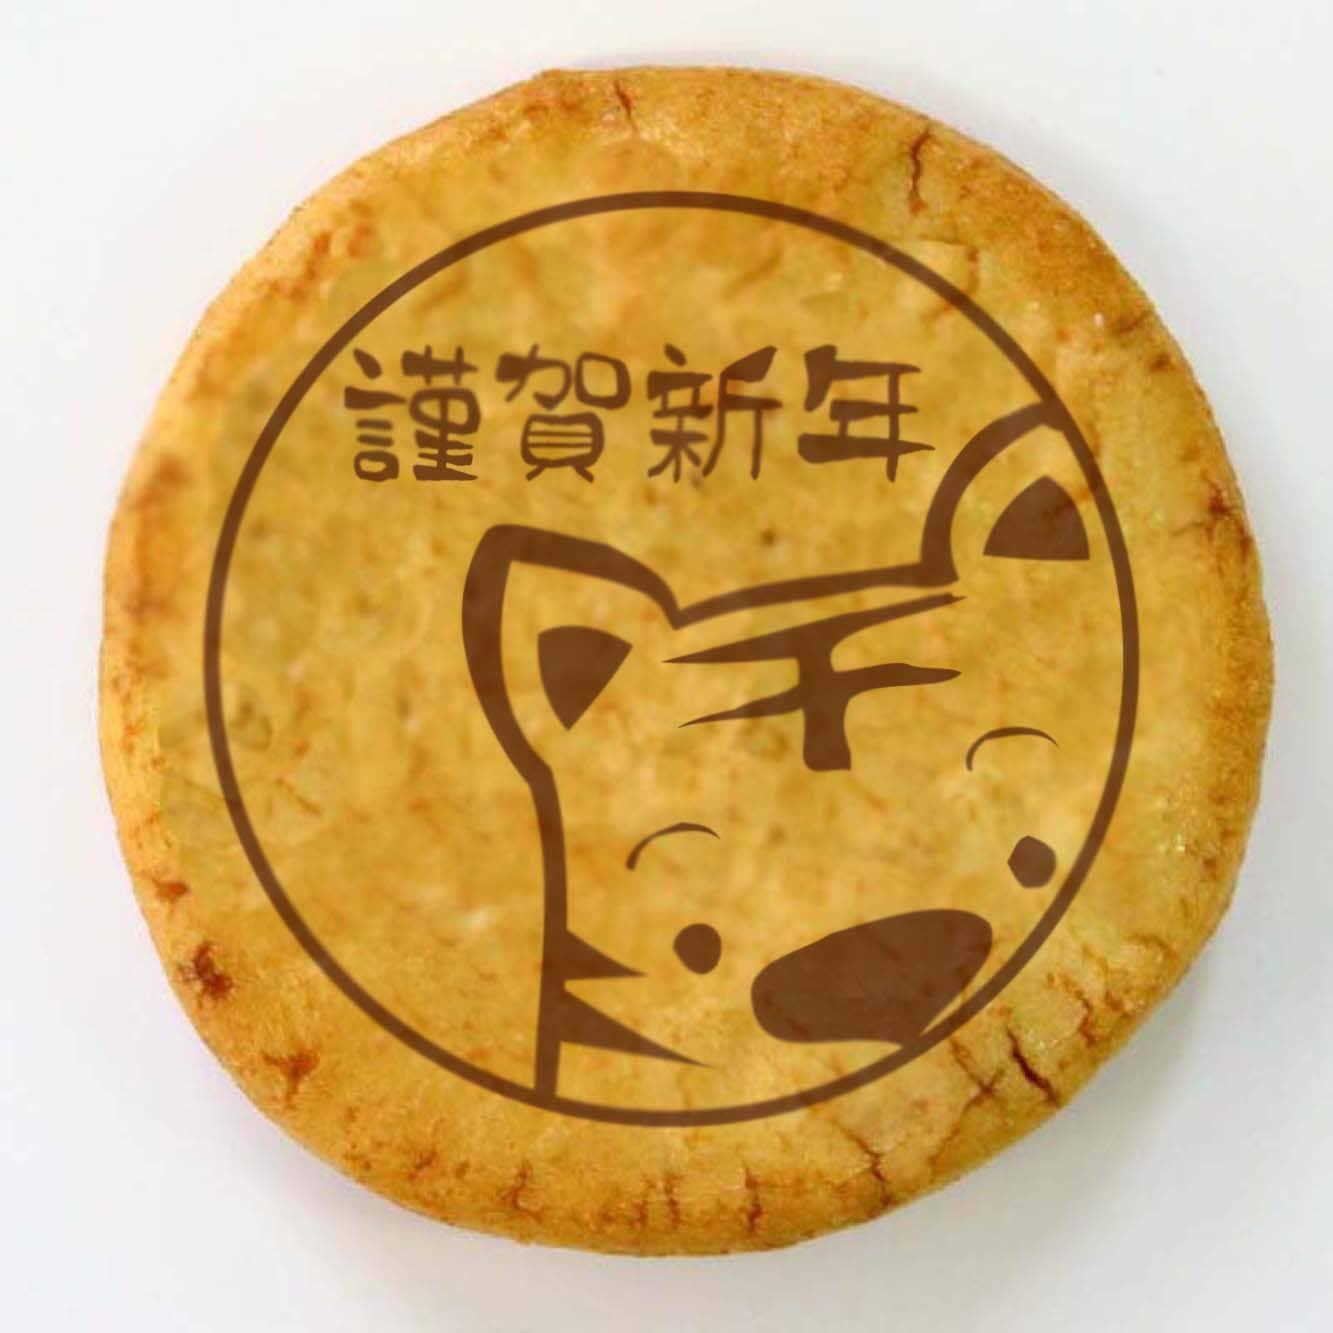 干支煎餅商品画像